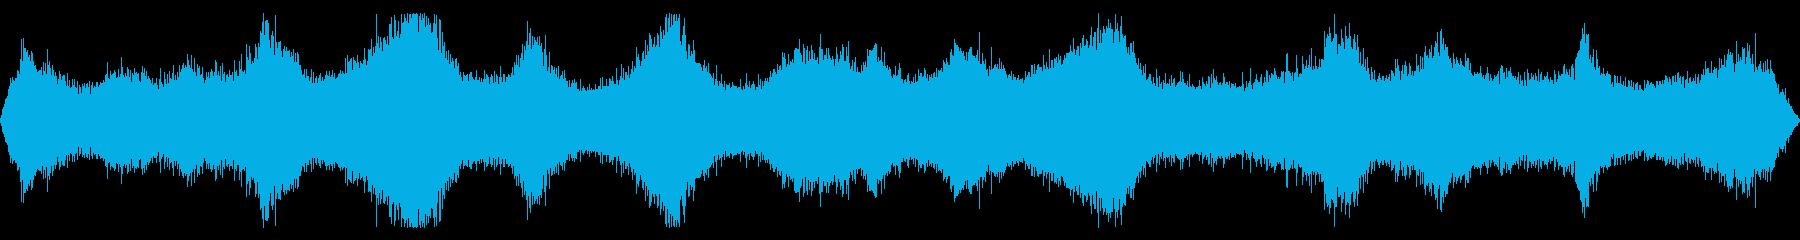 木に覆われた場所から録音した遠くの波の音の再生済みの波形